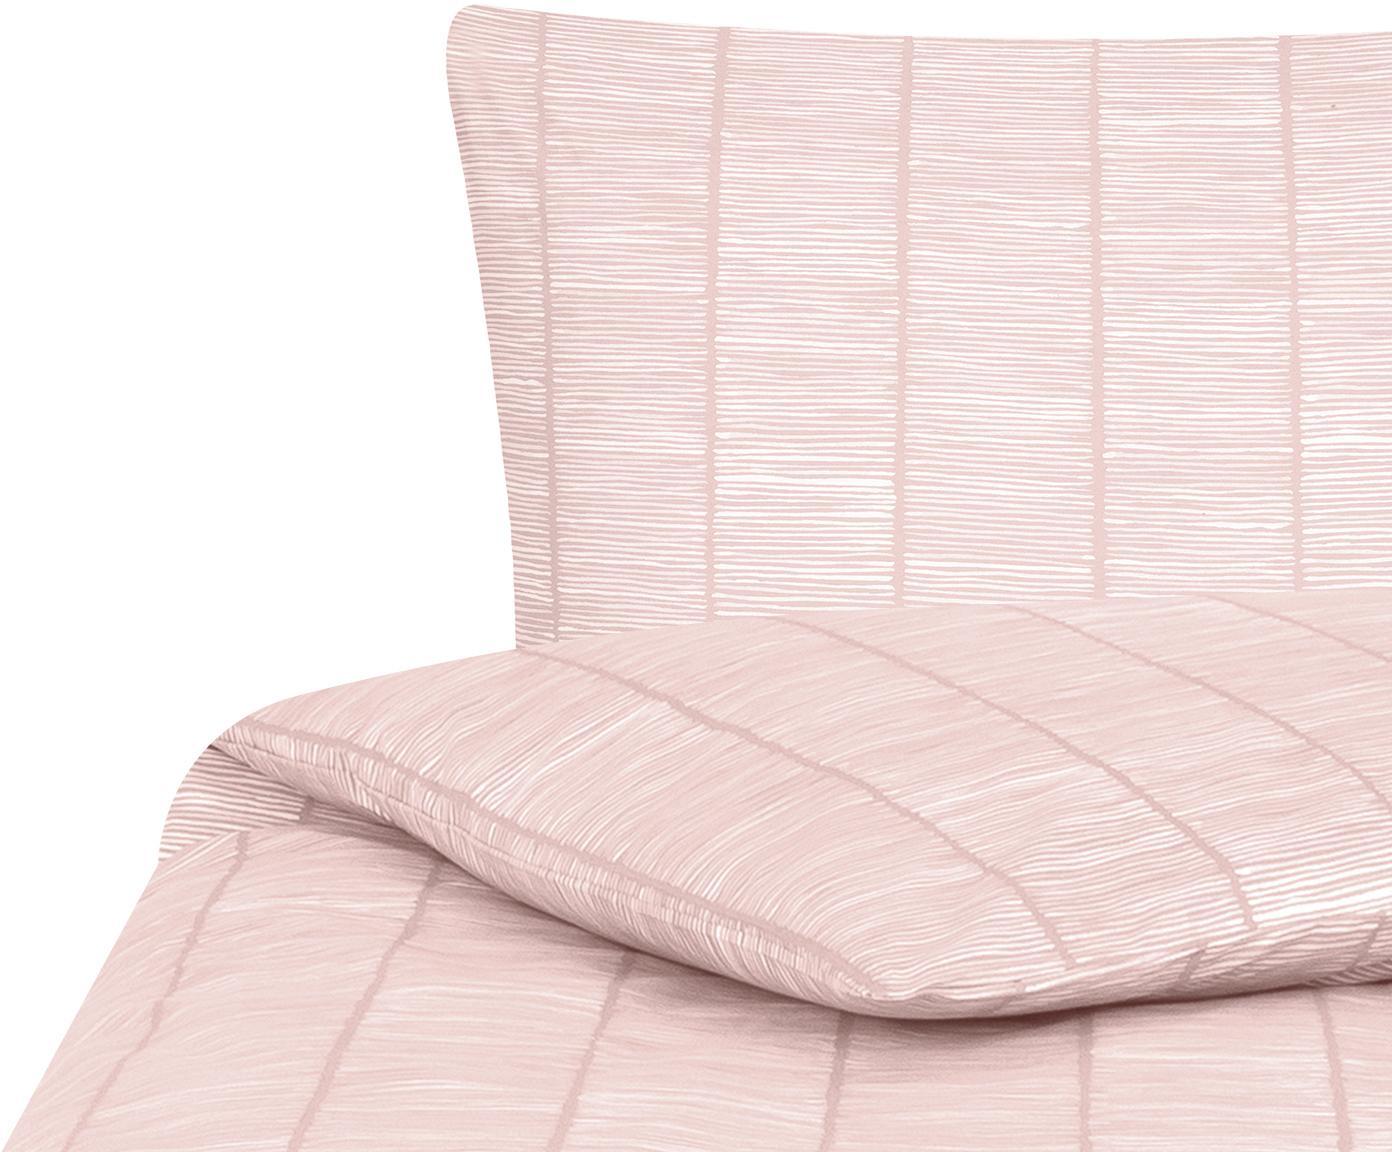 Gemusterte Baumwoll-Bettwäsche Paulina, Webart: Renforcé Fadendichte 144 , Rosa, Weiß, 135 x 200 cm + 1 Kissen 80 x 80 cm